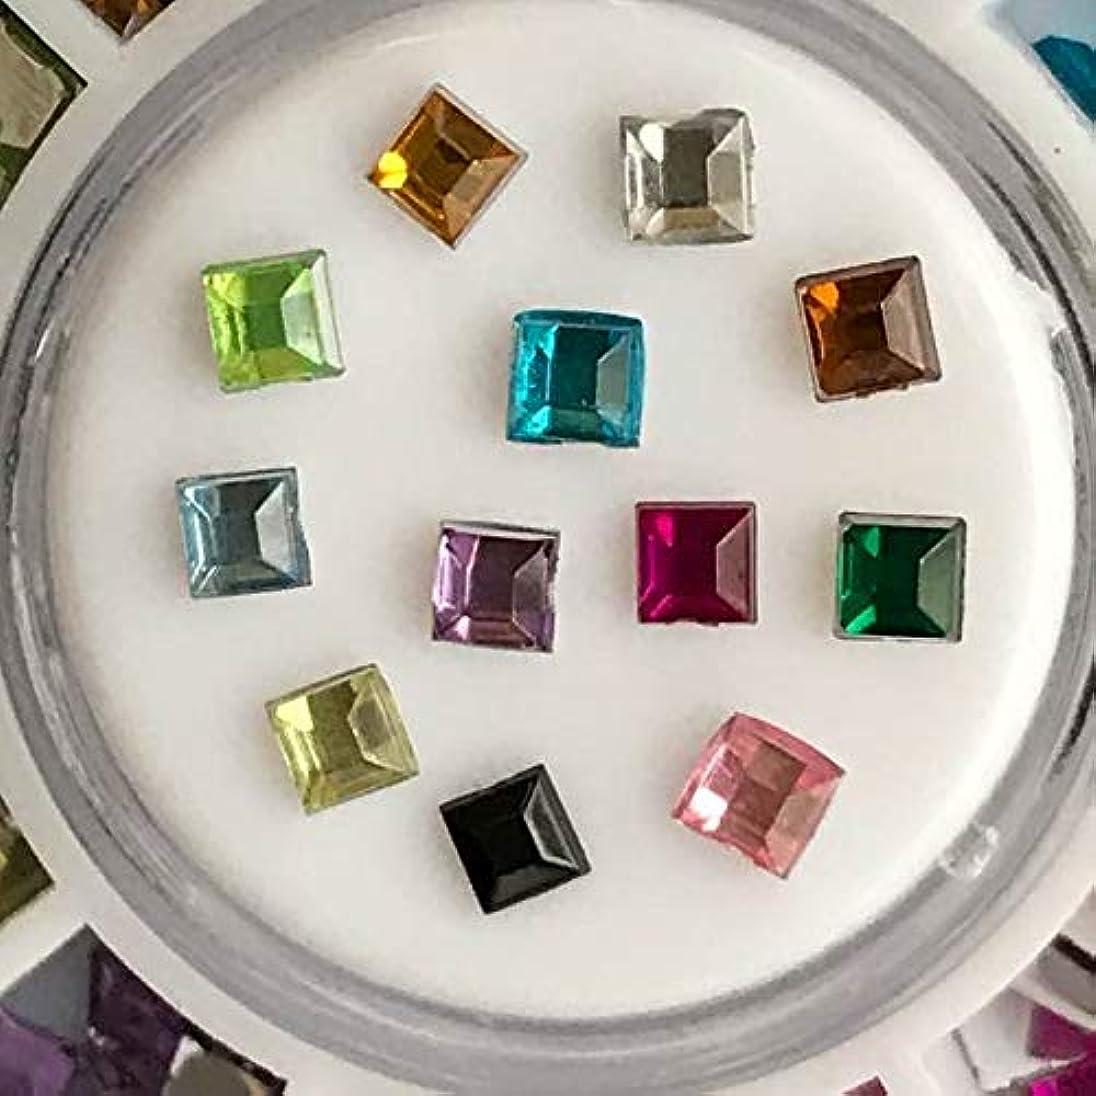 吸う口シャッフルアクリルラインストーン12色セットネイル用DIYアクセサリーハンドメイド素材パーツ (スクエア四角形)